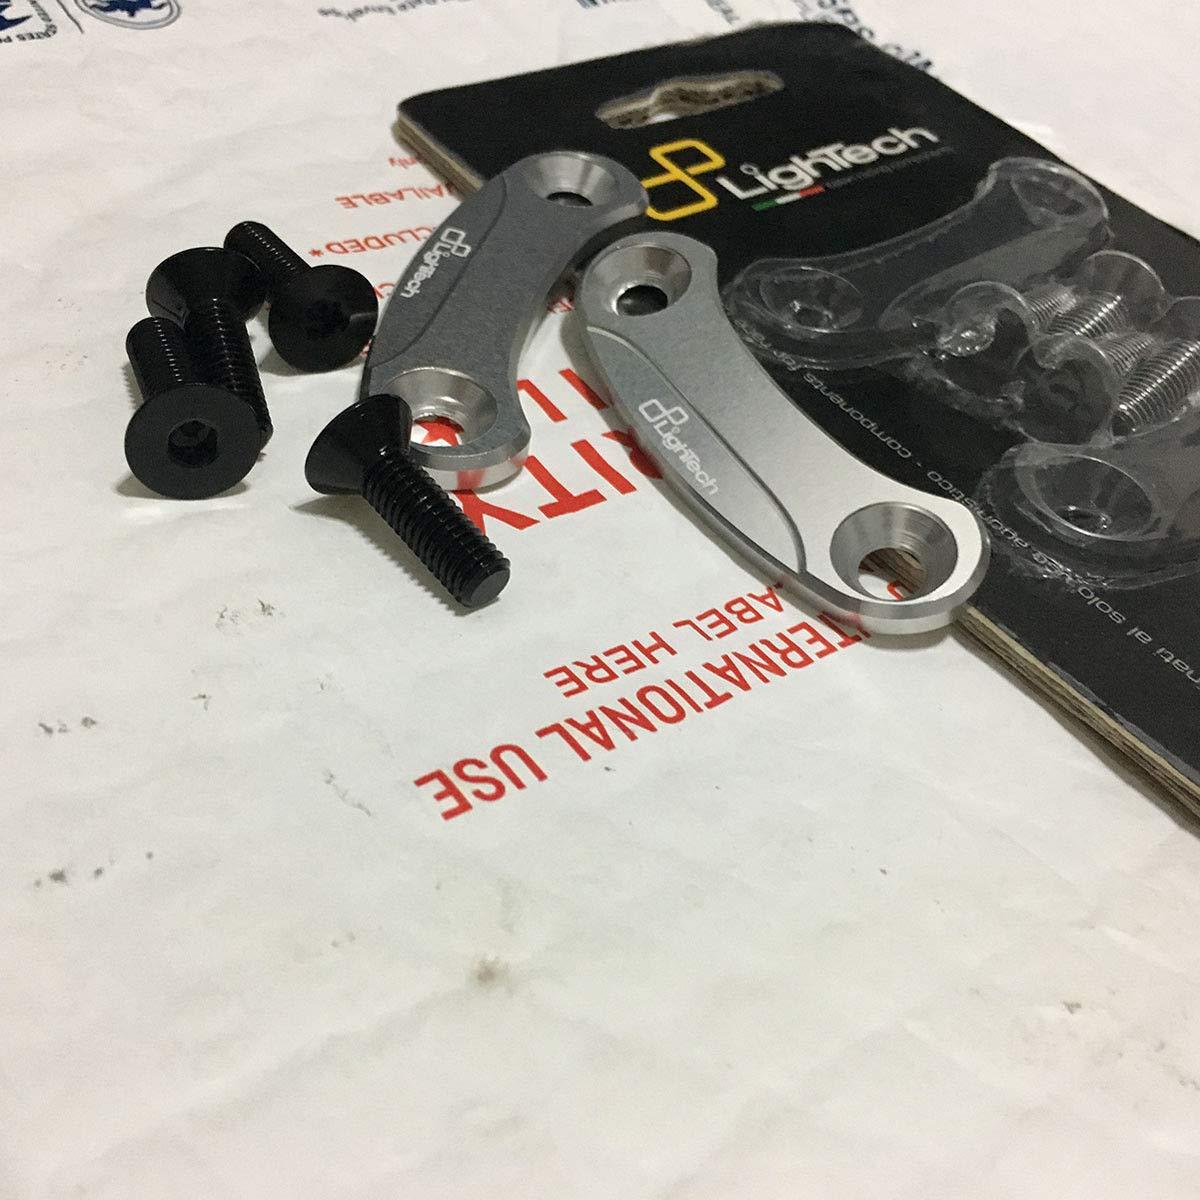 LighTech Mirror Block Off Plates Black Mirror Cover Cap for Kawasaki ZX10R 11-15 Crazy Metalman